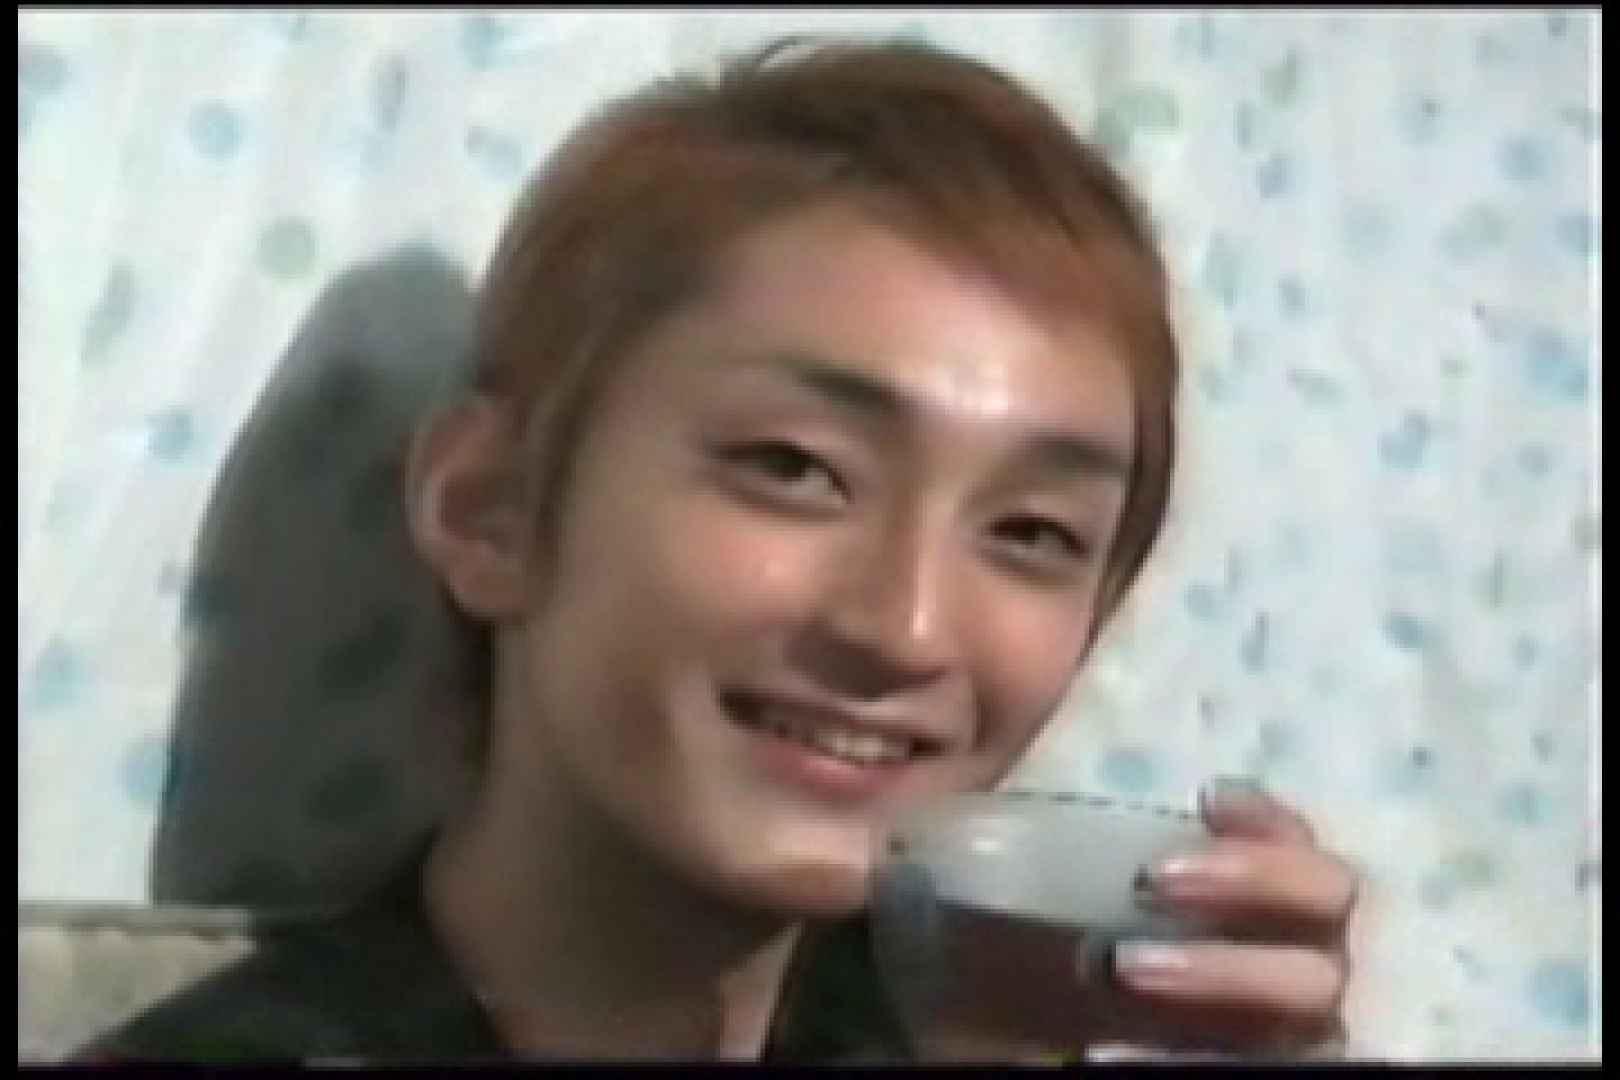 【流出】アイドルを目指したジャニ系イケメンの過去 包茎 ゲイ無料エロ画像 72pic 48